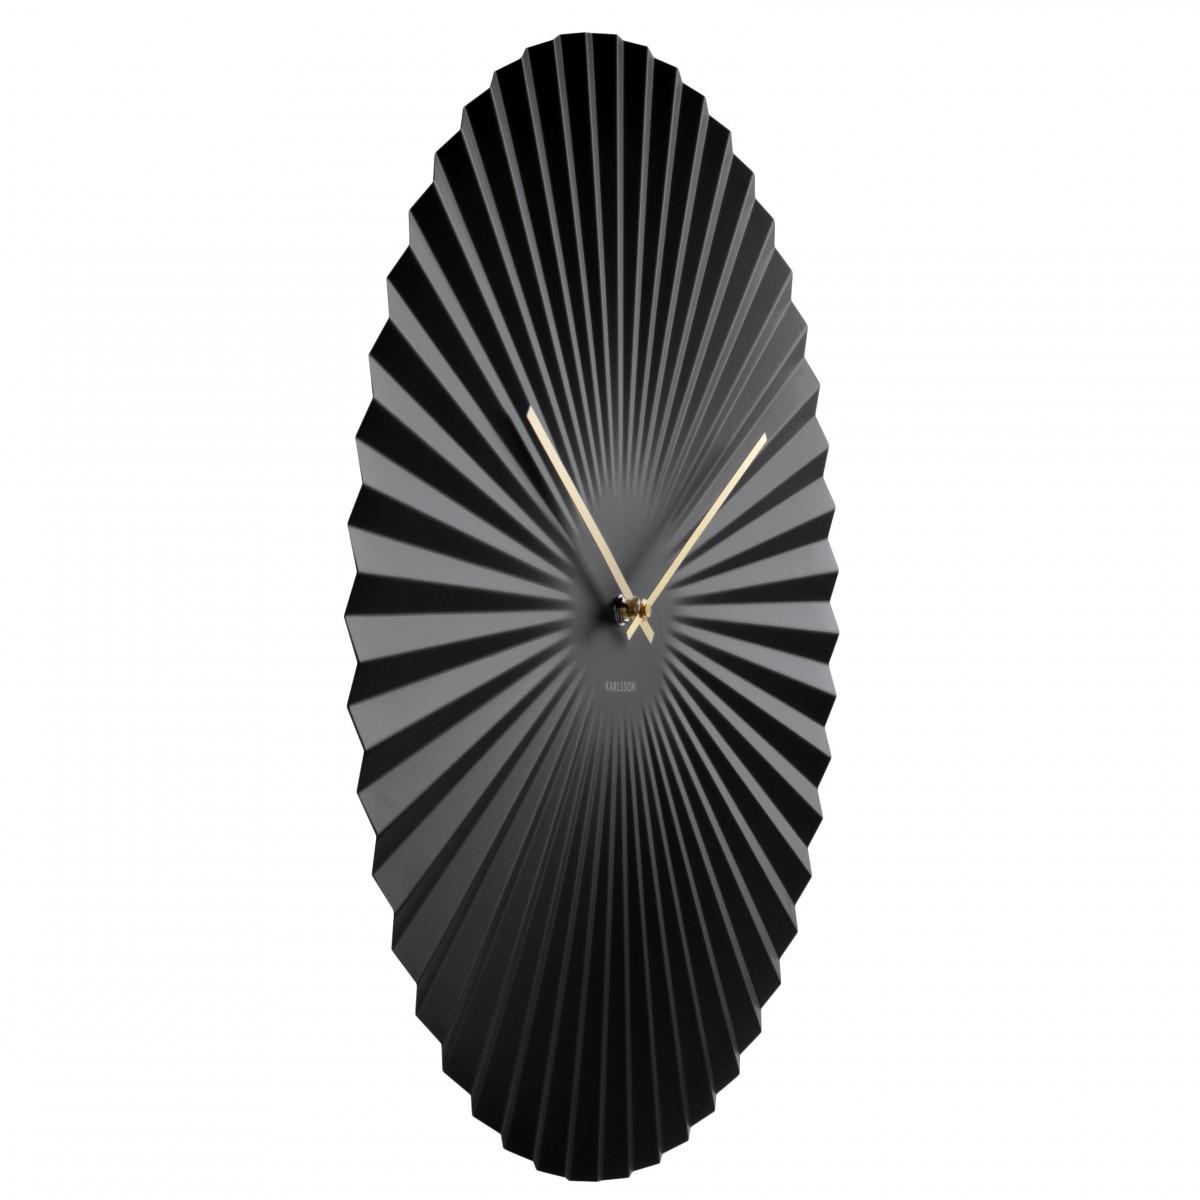 Ceas de perete Sensu XL negru, Karlsson